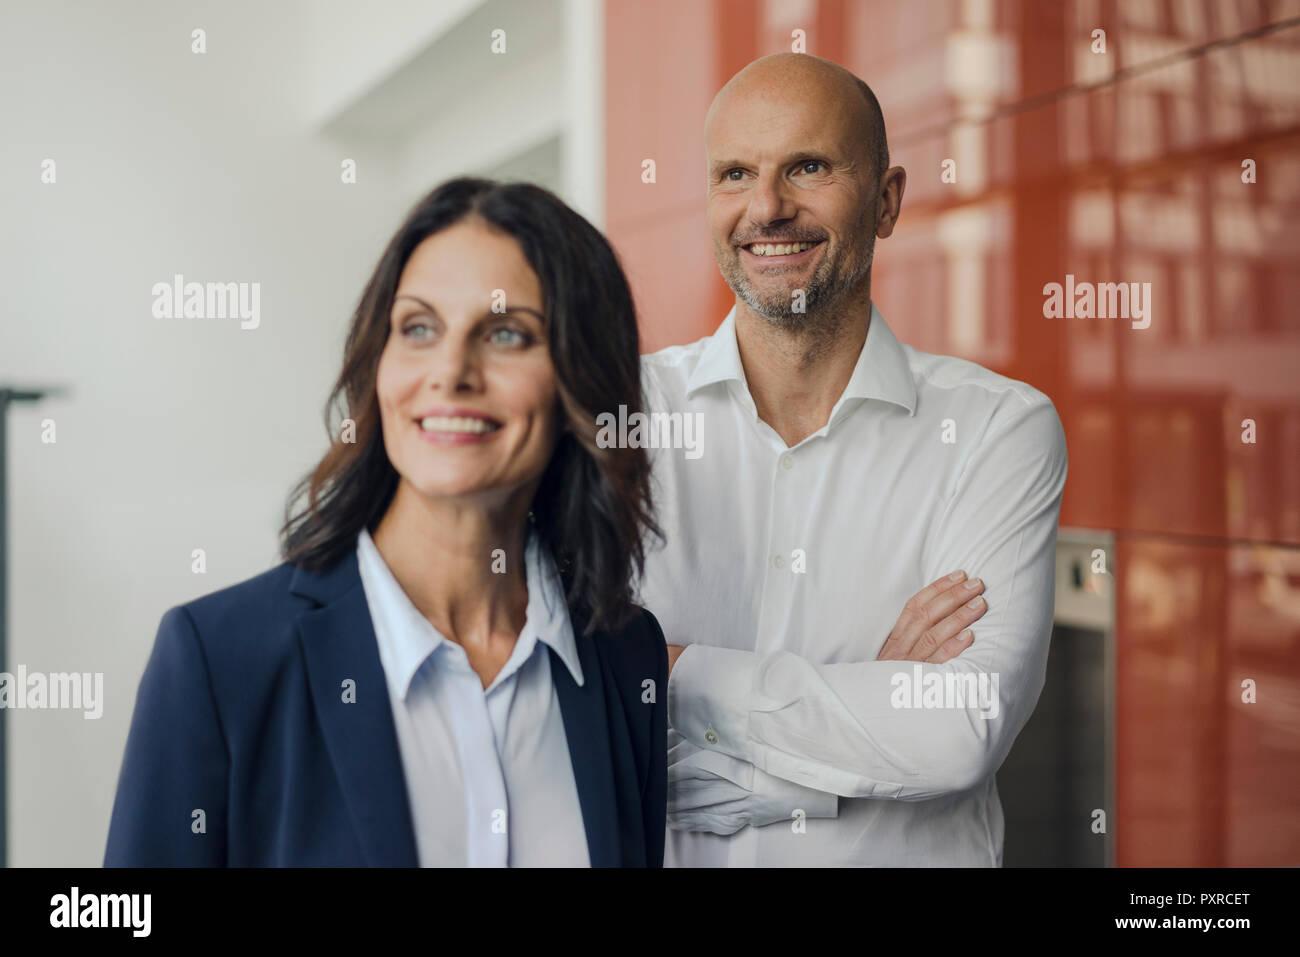 Retrato de un exitoso equipo empresarial Foto de stock